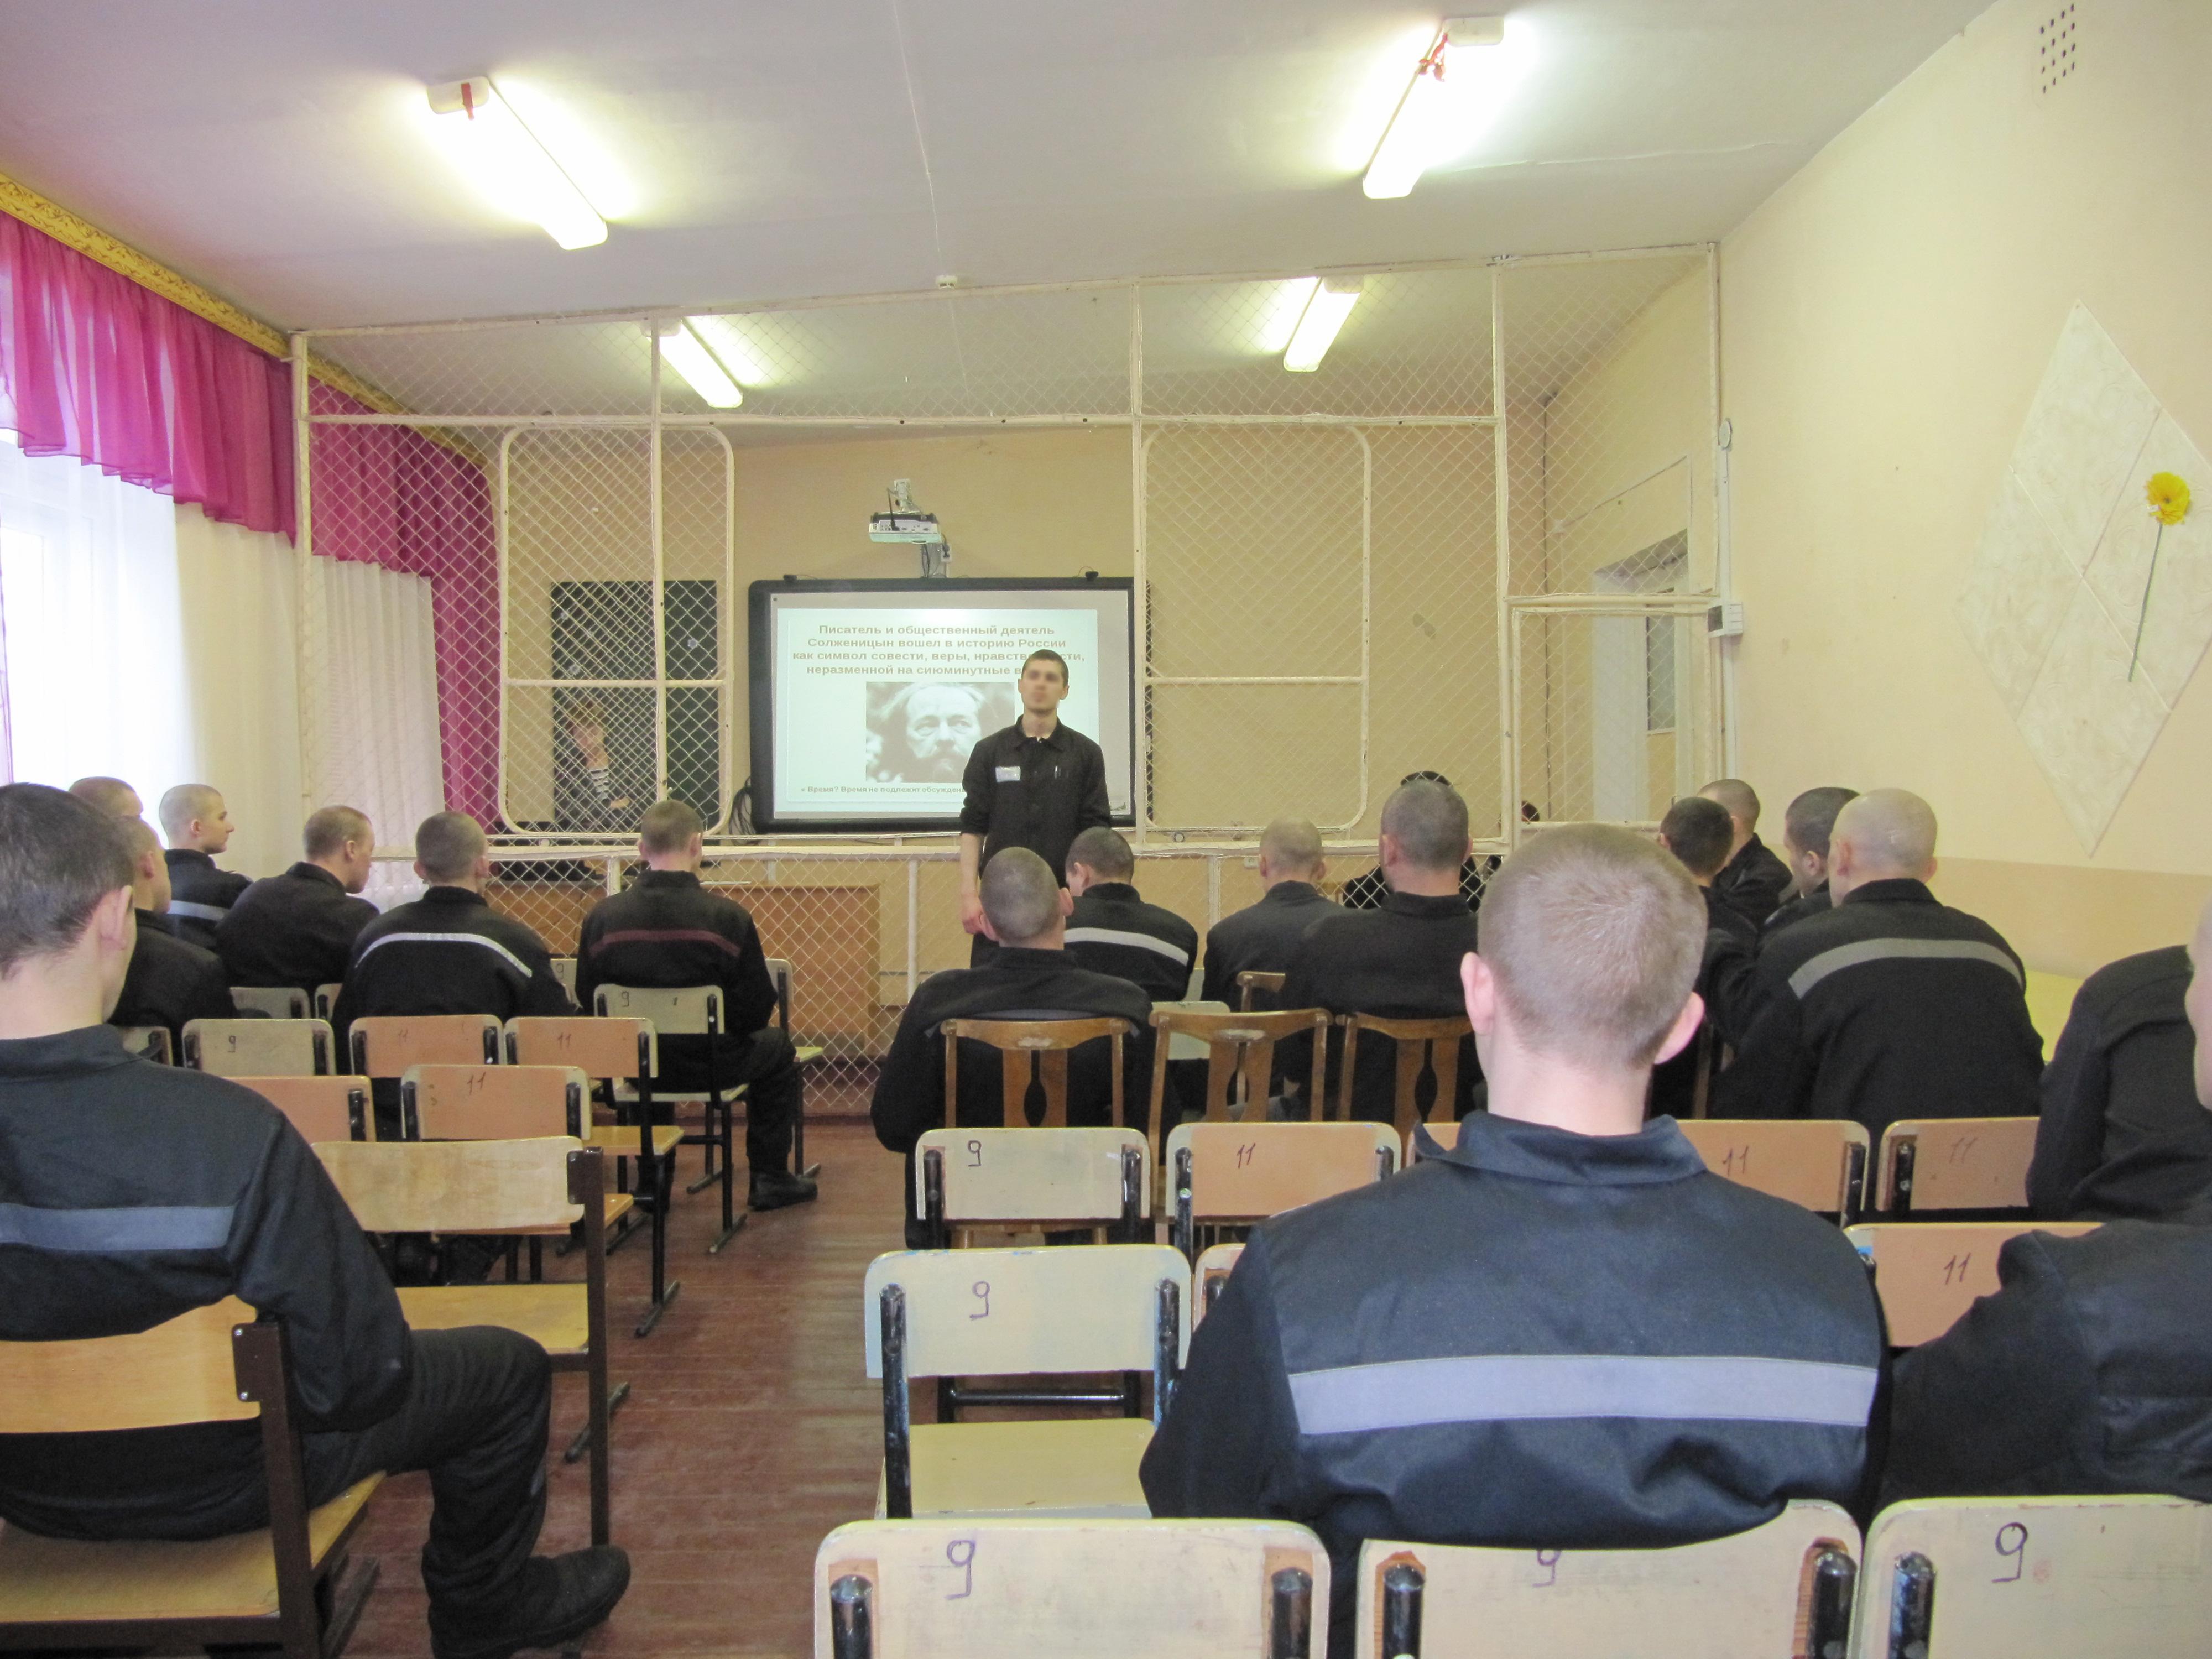 20180213-В школе исправительной колонии №7 состоялся литературный вечер «Жить не по лжи»-pic1